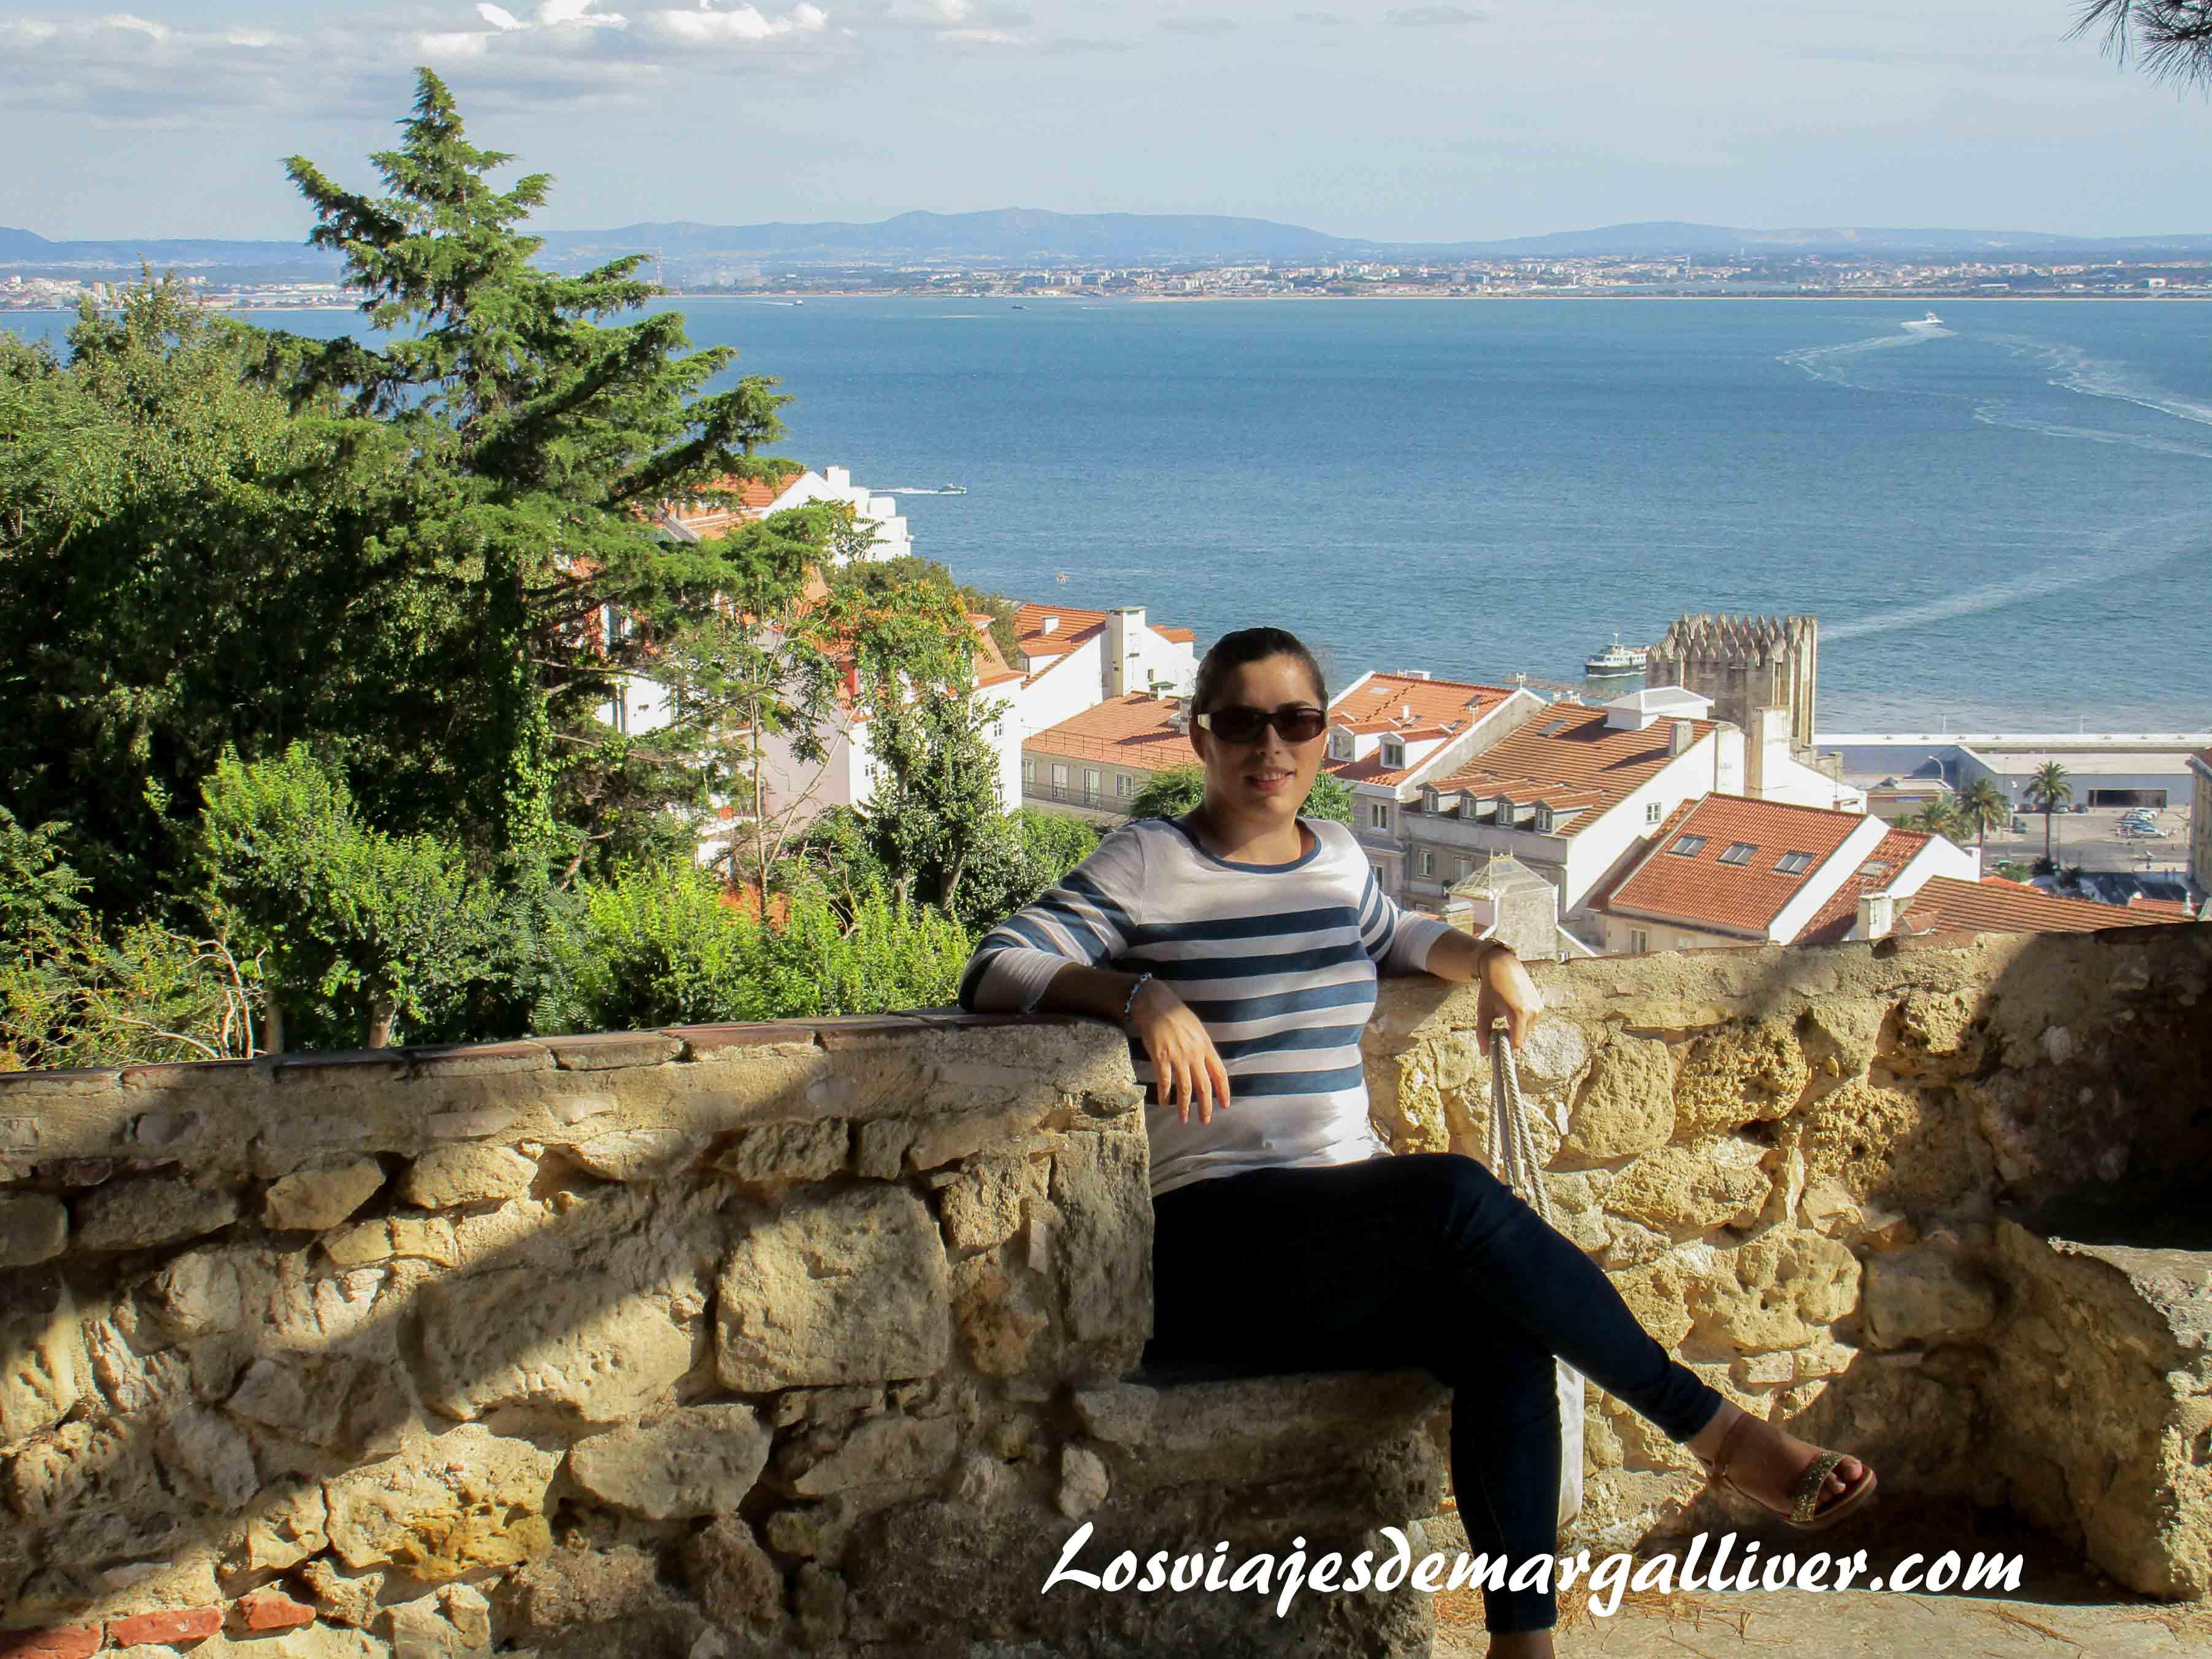 Margalliver en el castillo de San Jorge en Lisboa - Los viajes de Margalliver